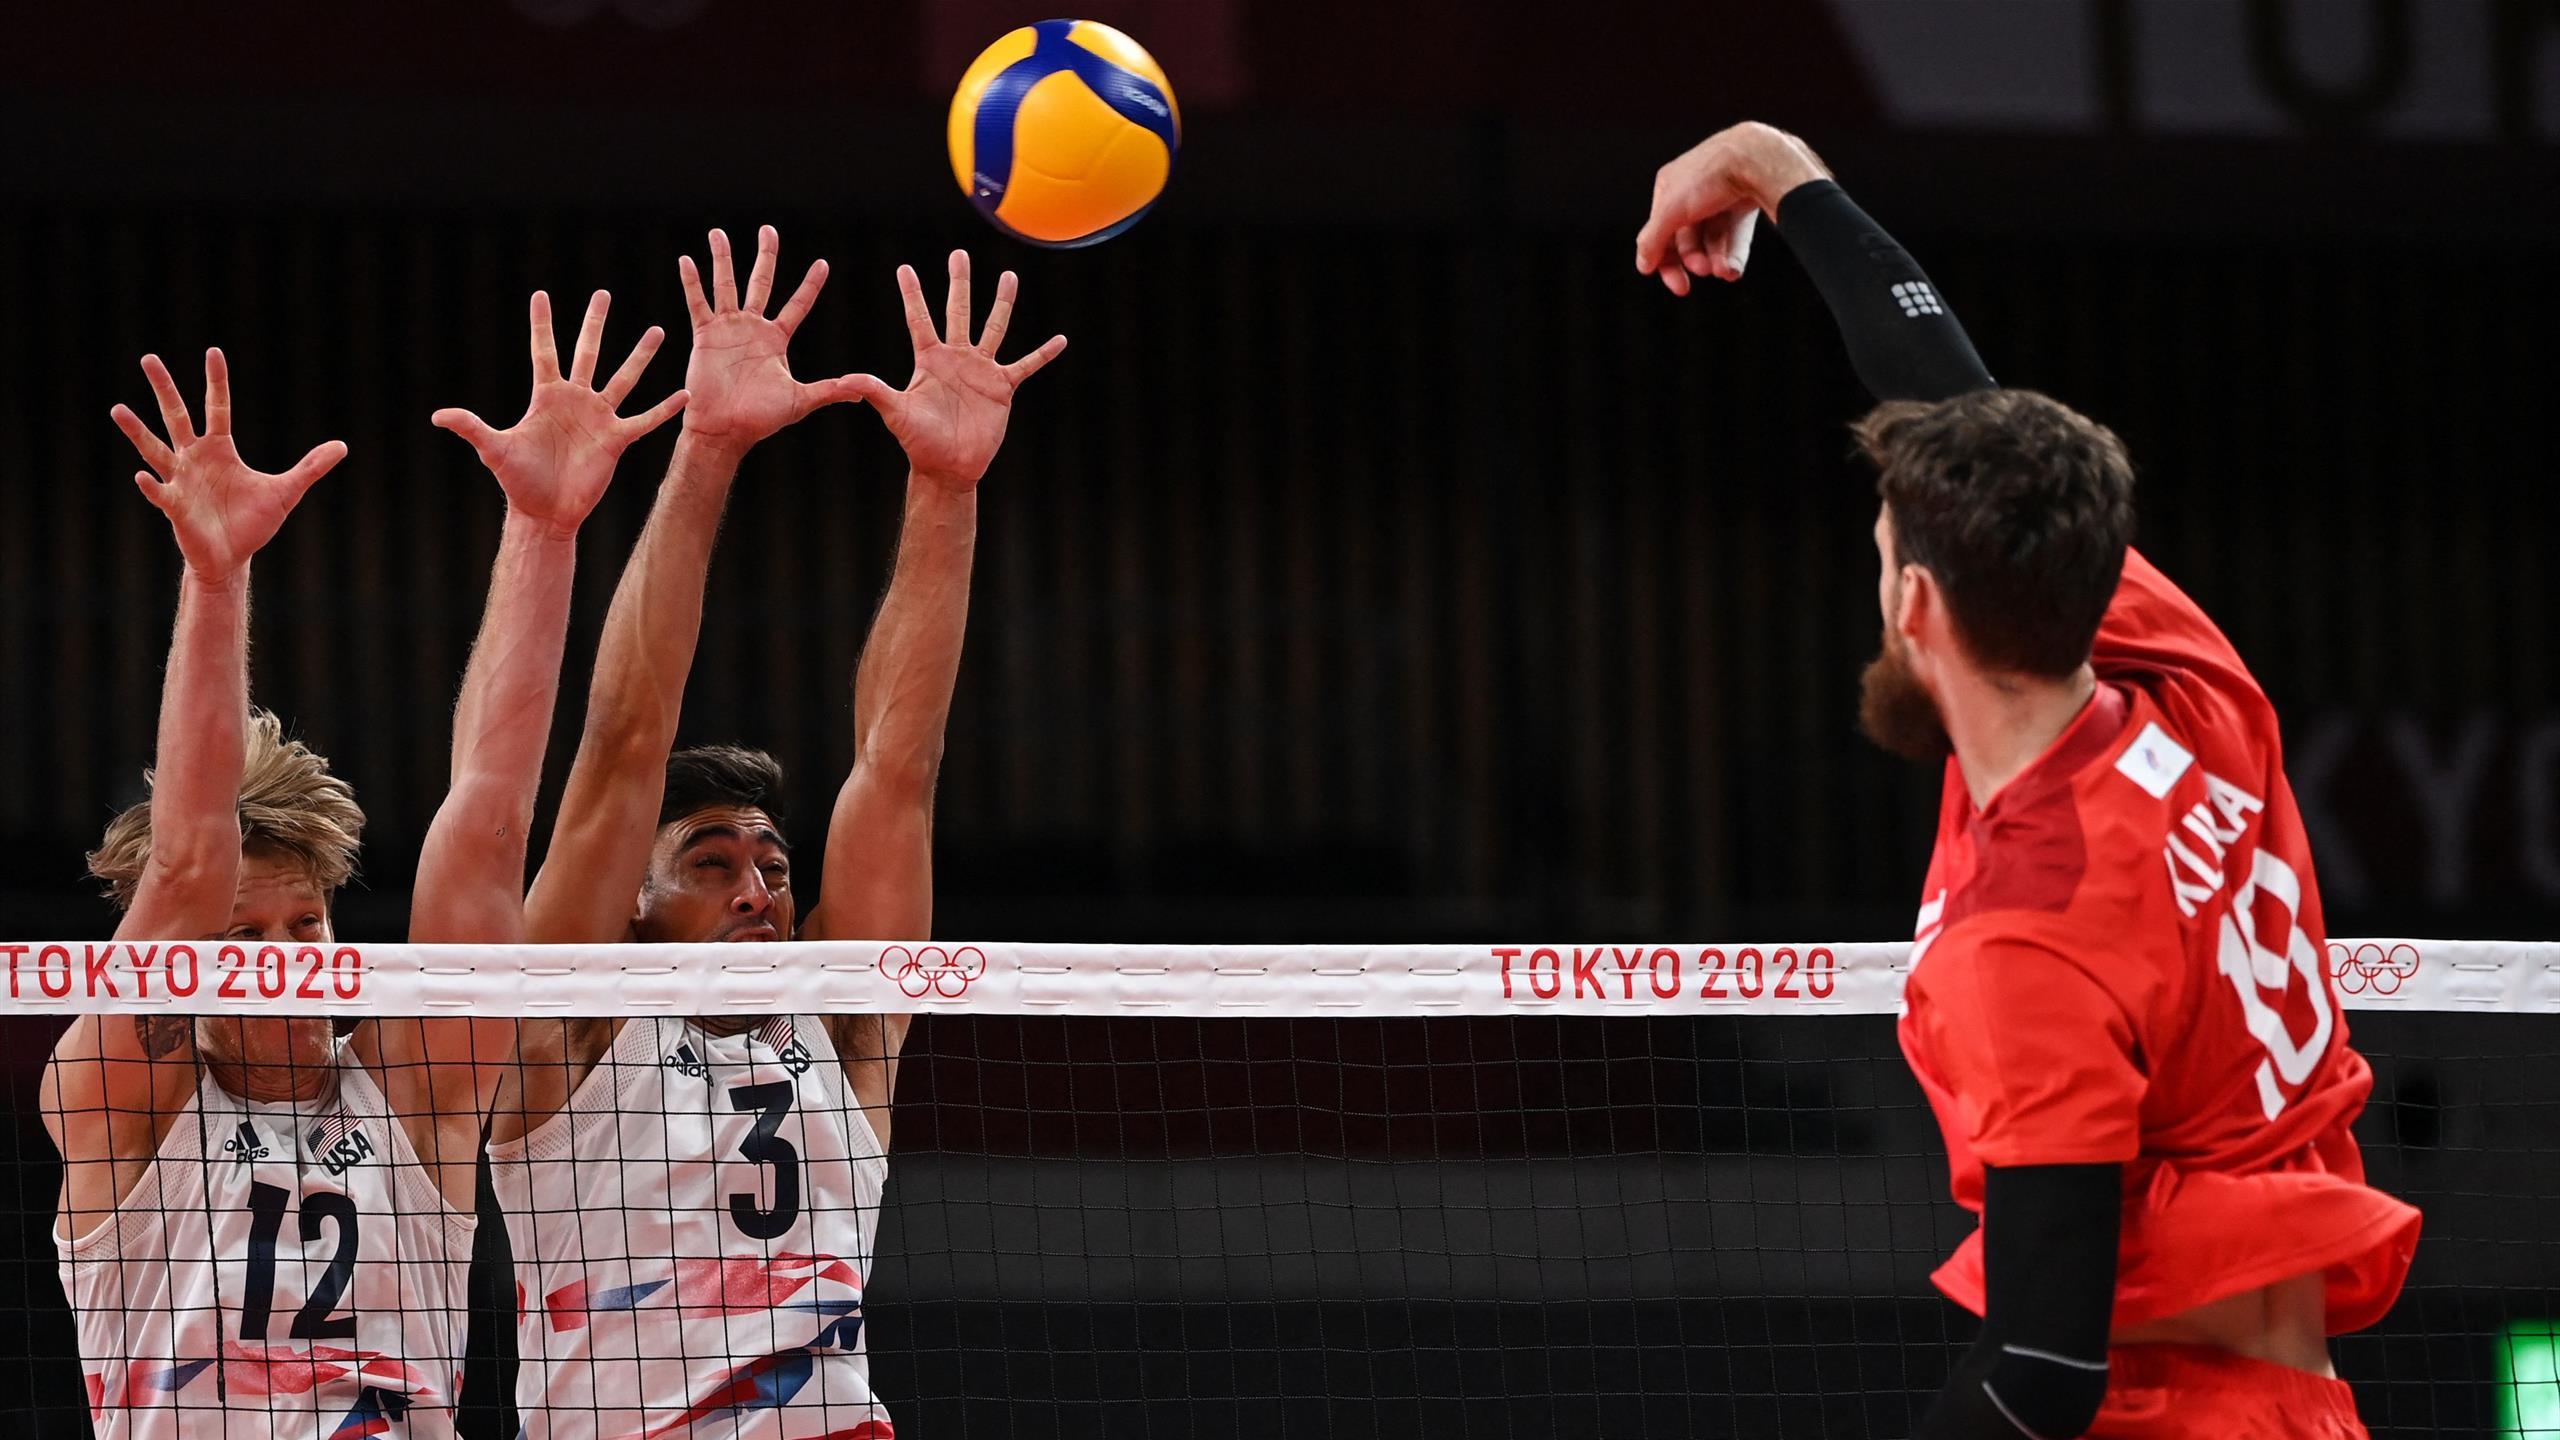 Российские волейболисты одержали победу в первом матче на Олимпиаде